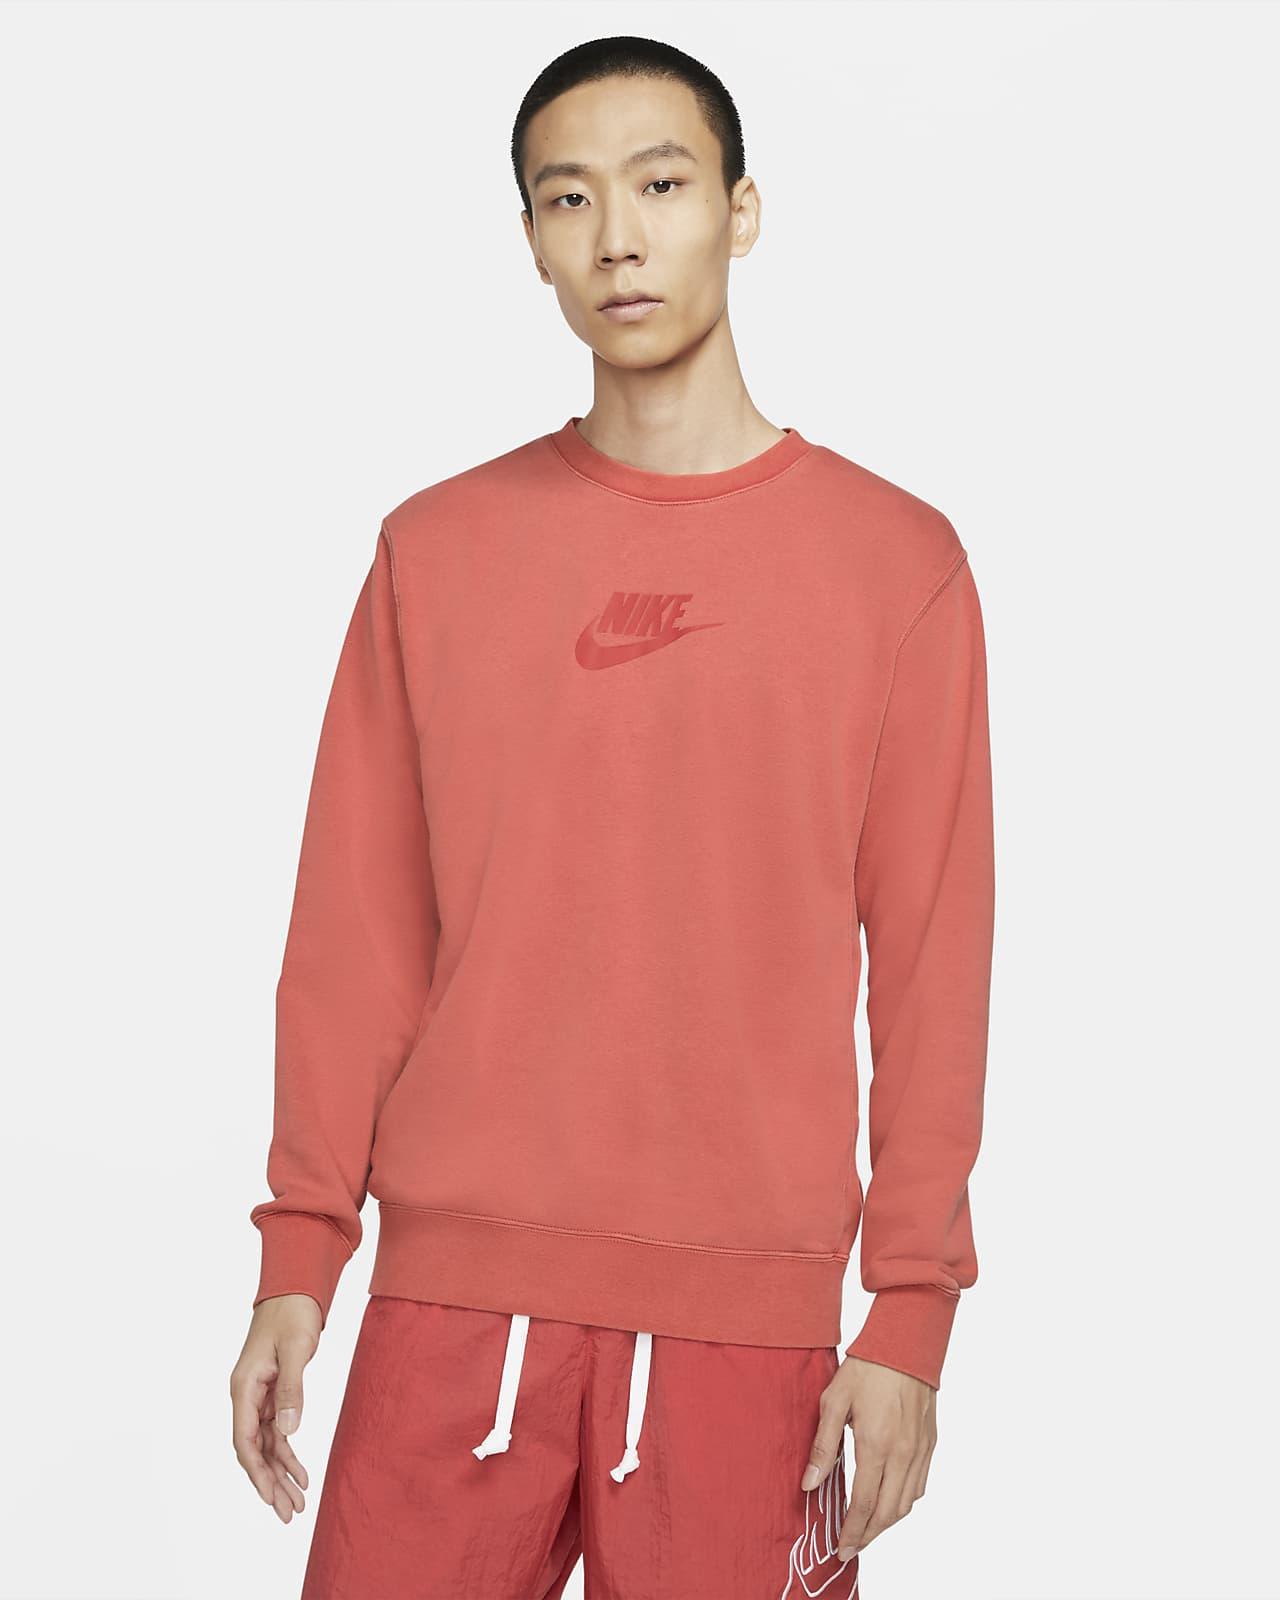 Nike Sportswear Essentials+ 男款法國毛圈布圓領運動衫